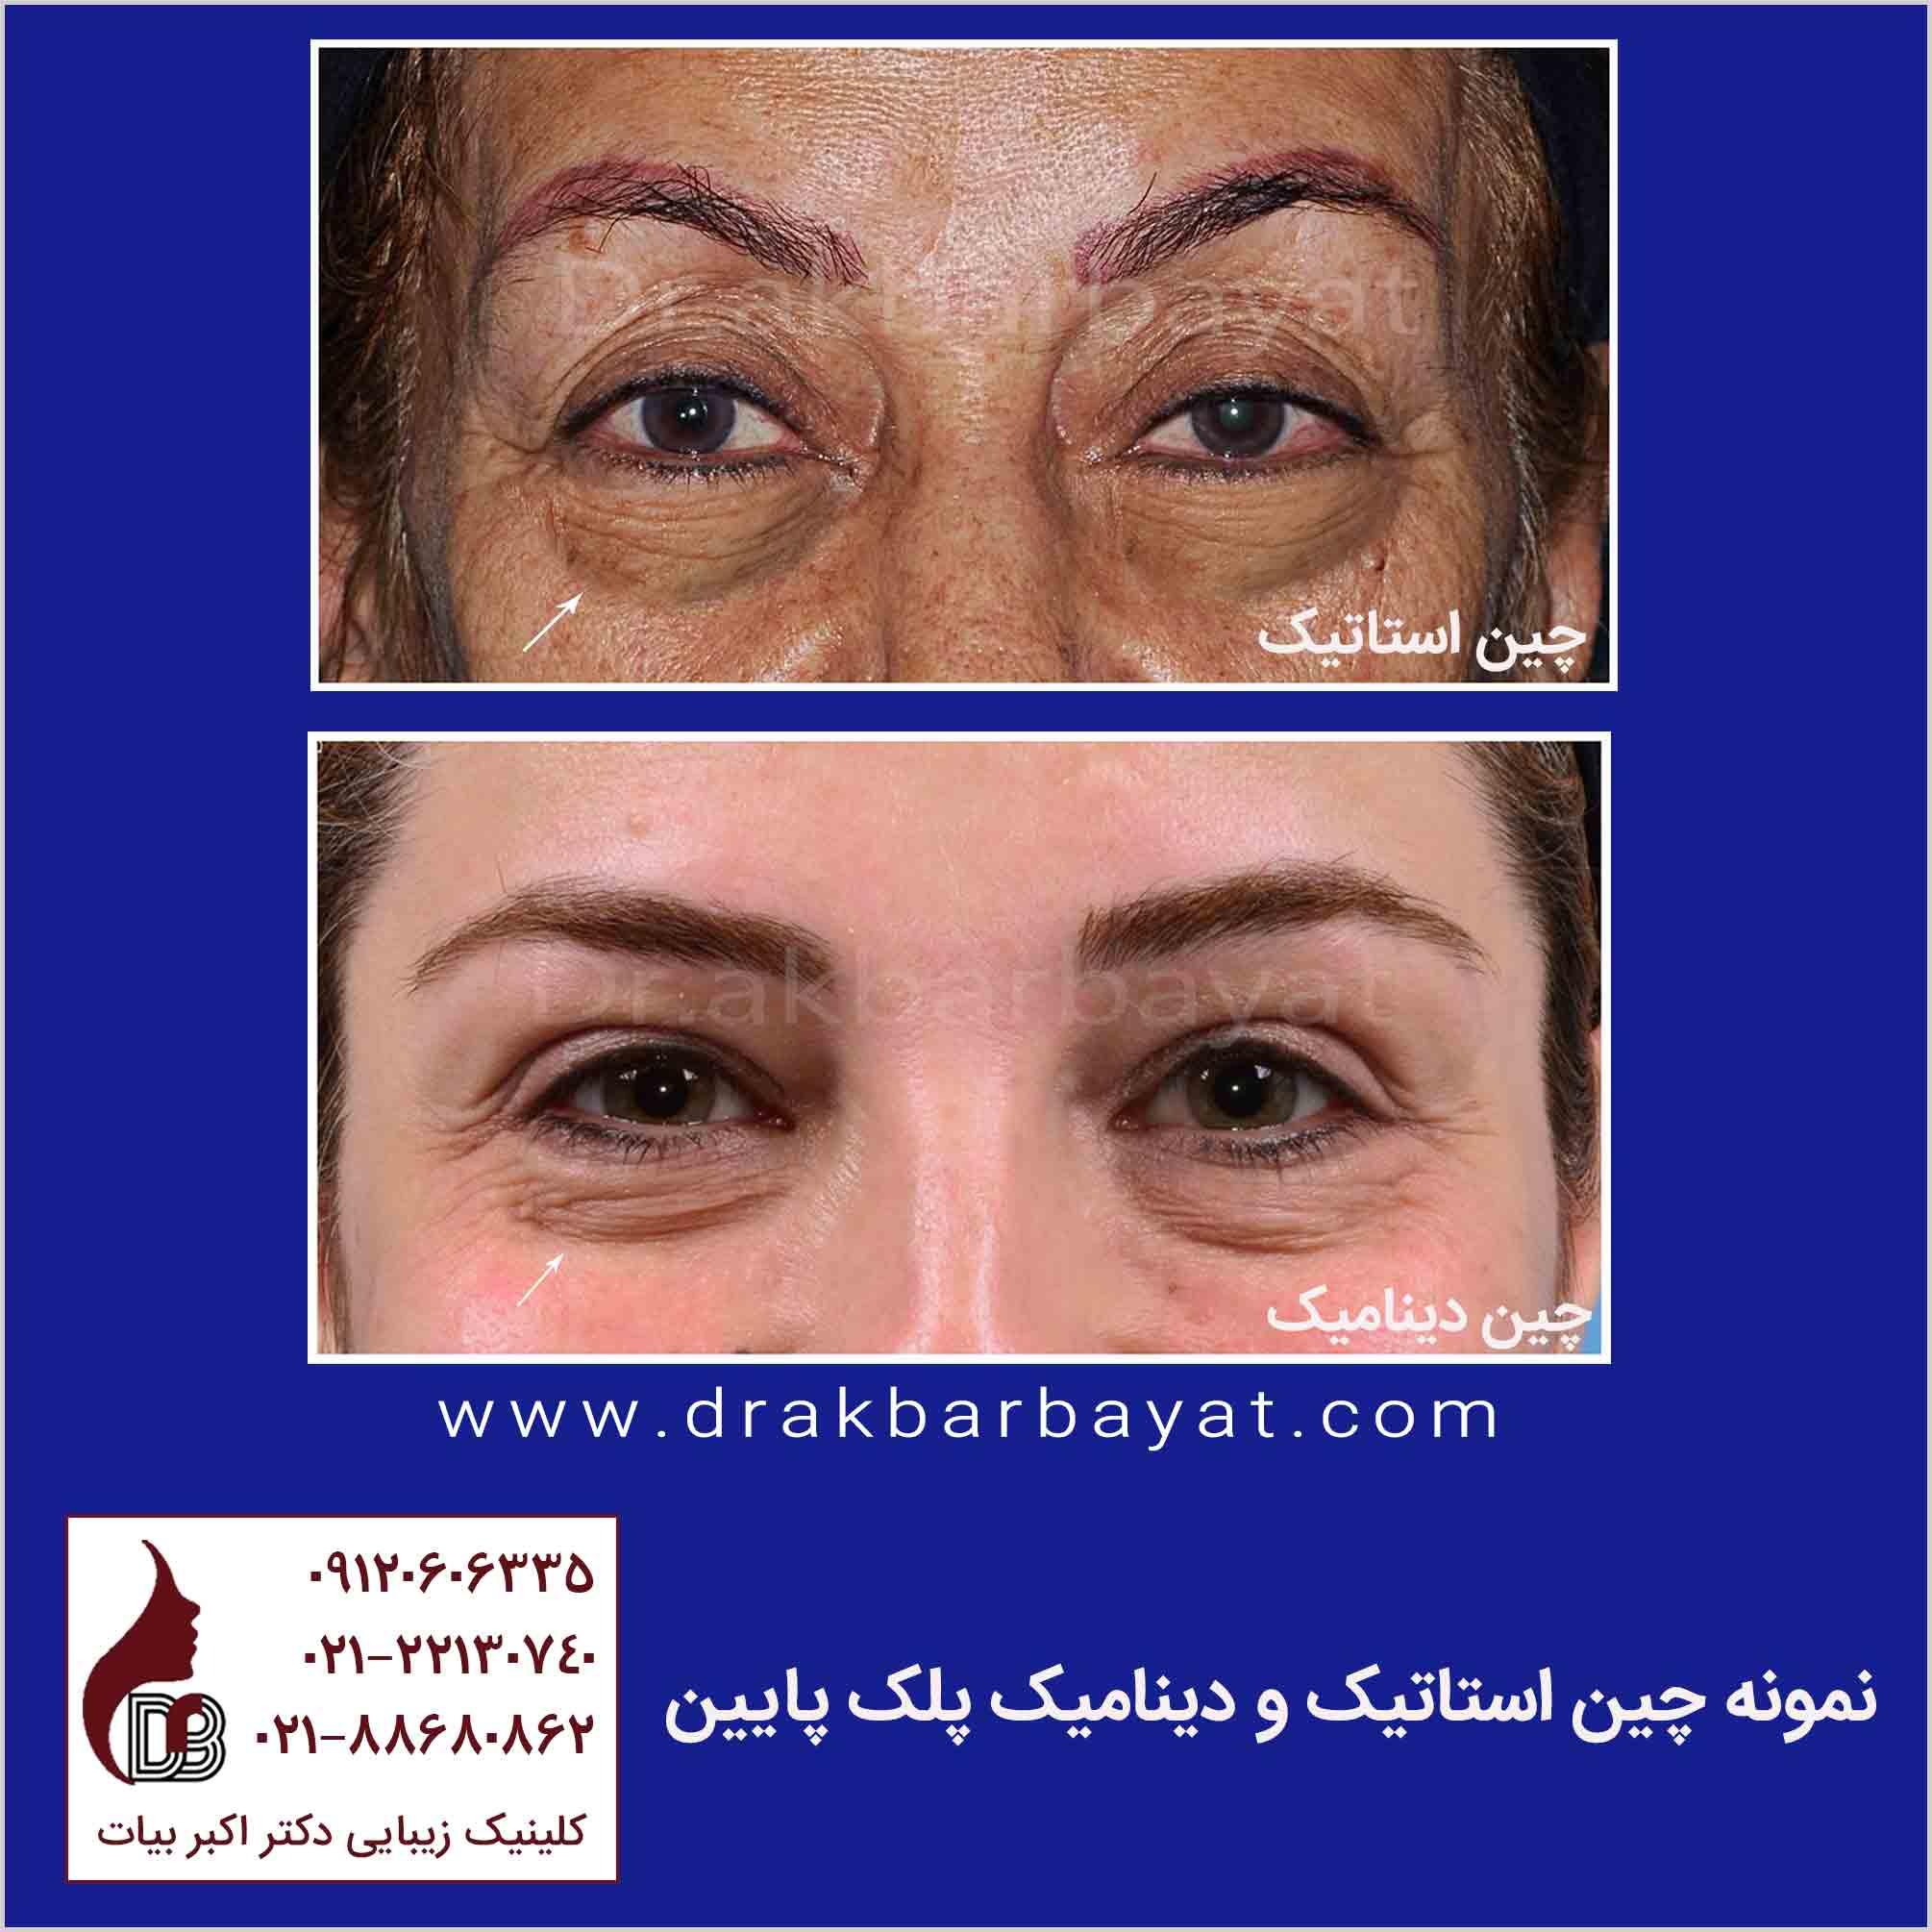 رفع چین های صورت | جوانسازی صورت | جوان سازی صورت